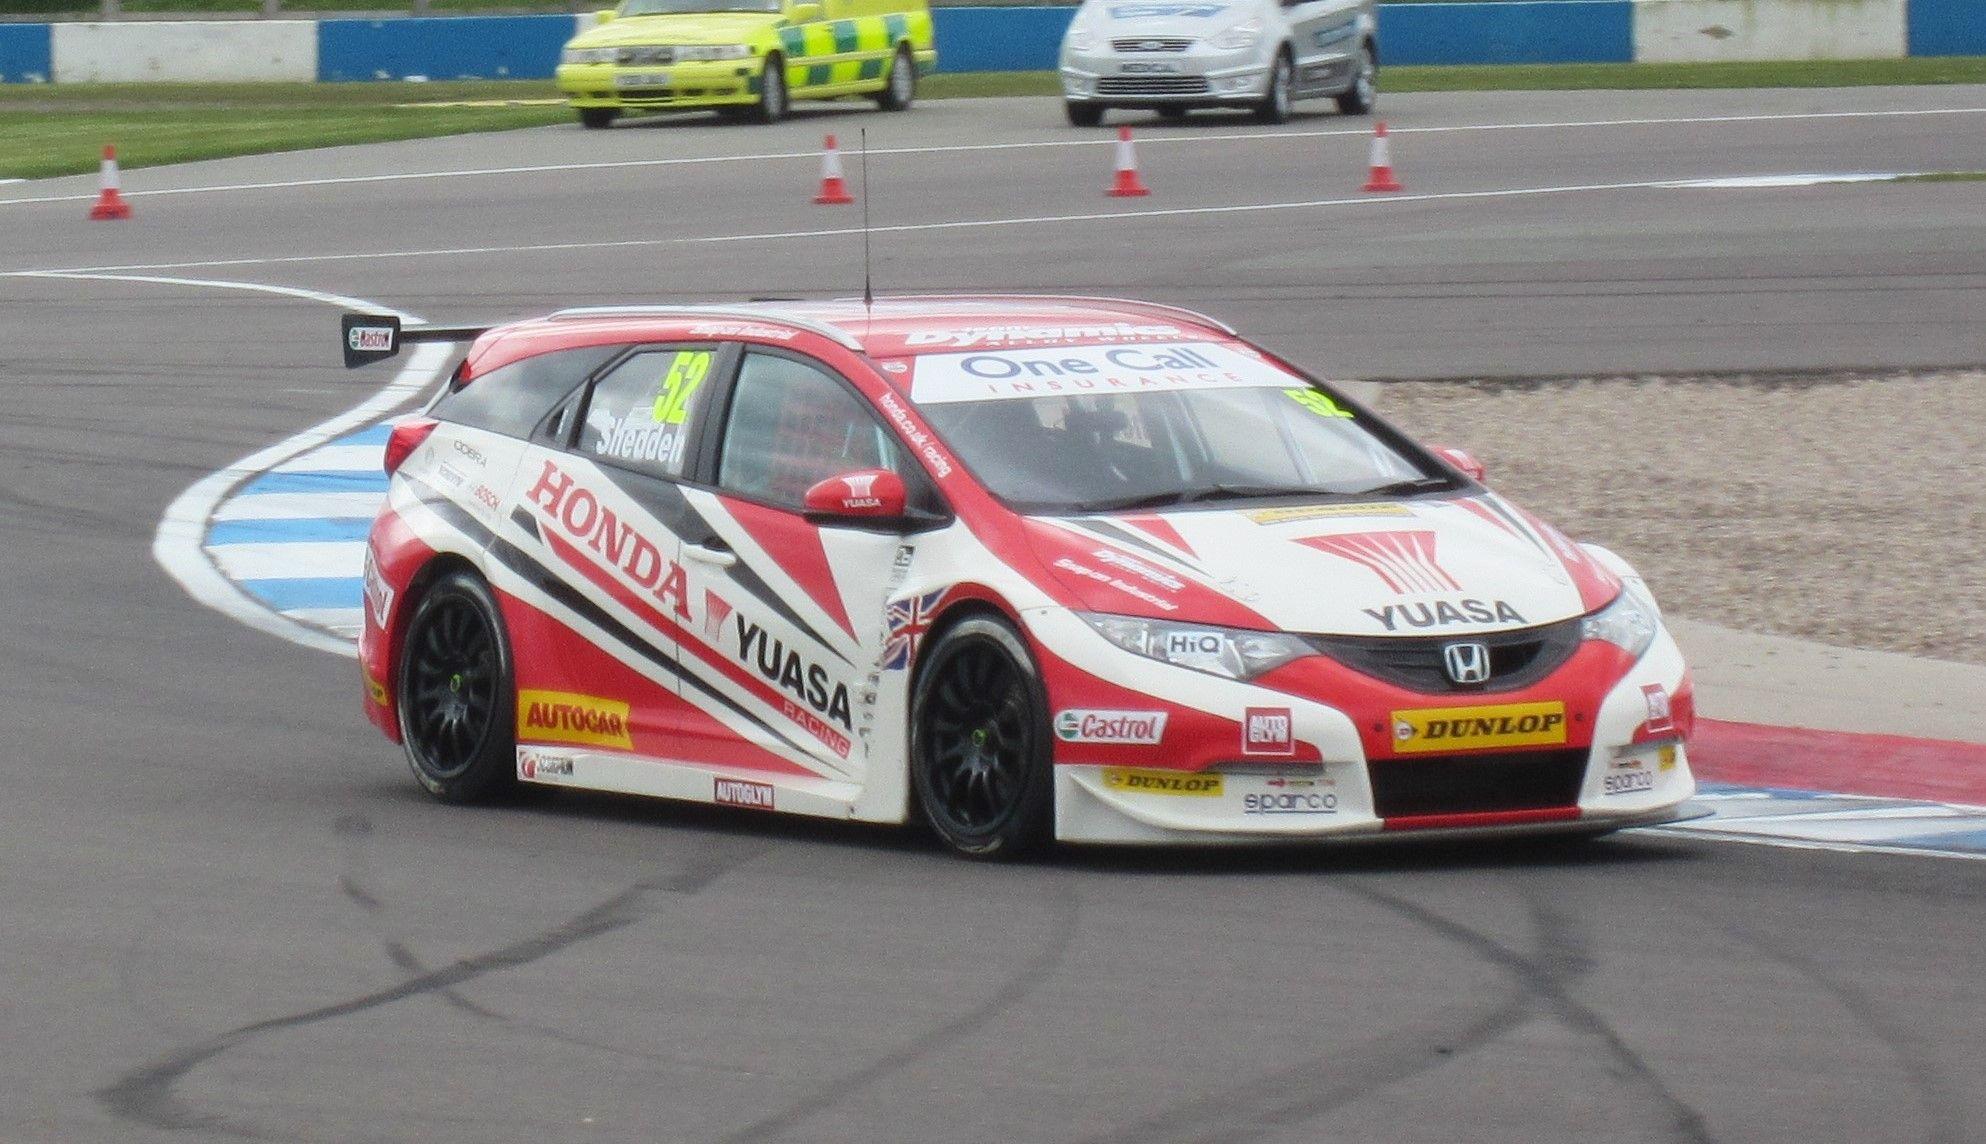 Honda Civic Tourer Gordon Shedden Btcc Honda Civic Sports Car